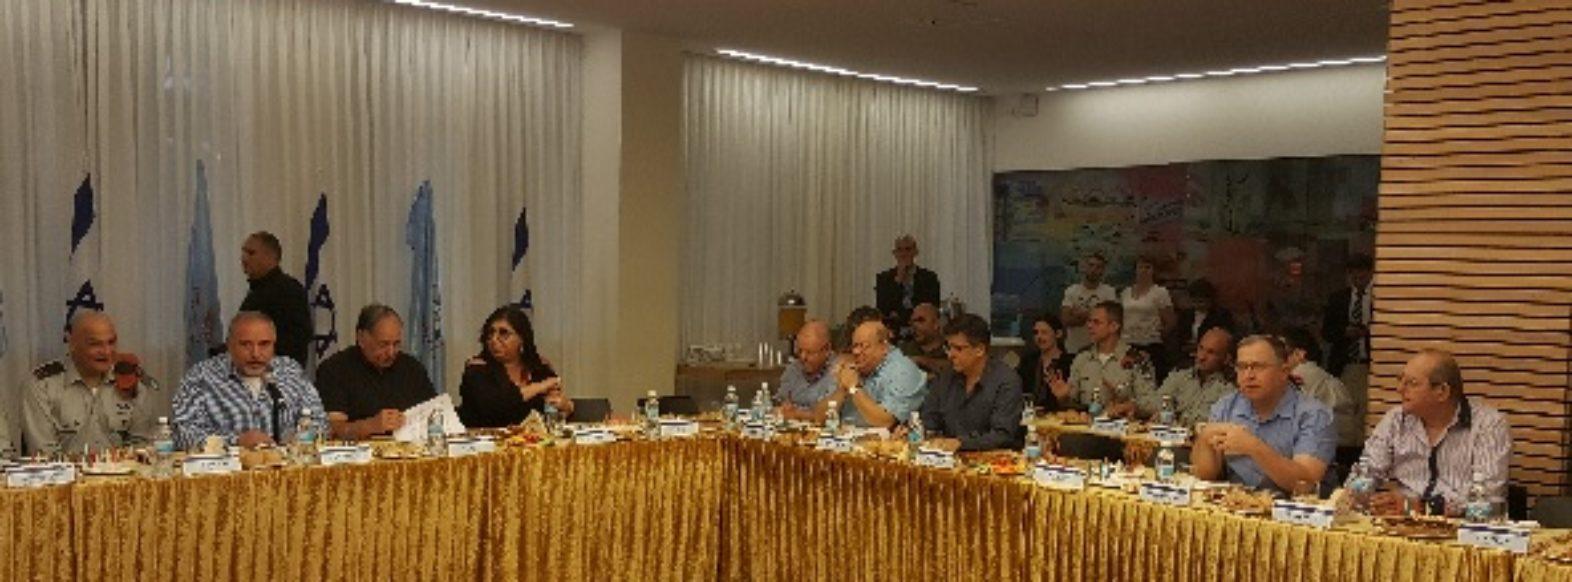 דוקורסקי השתתף במפגש מיוחד עם שר הביטחון  ליברמן בנושא מיגון העורף